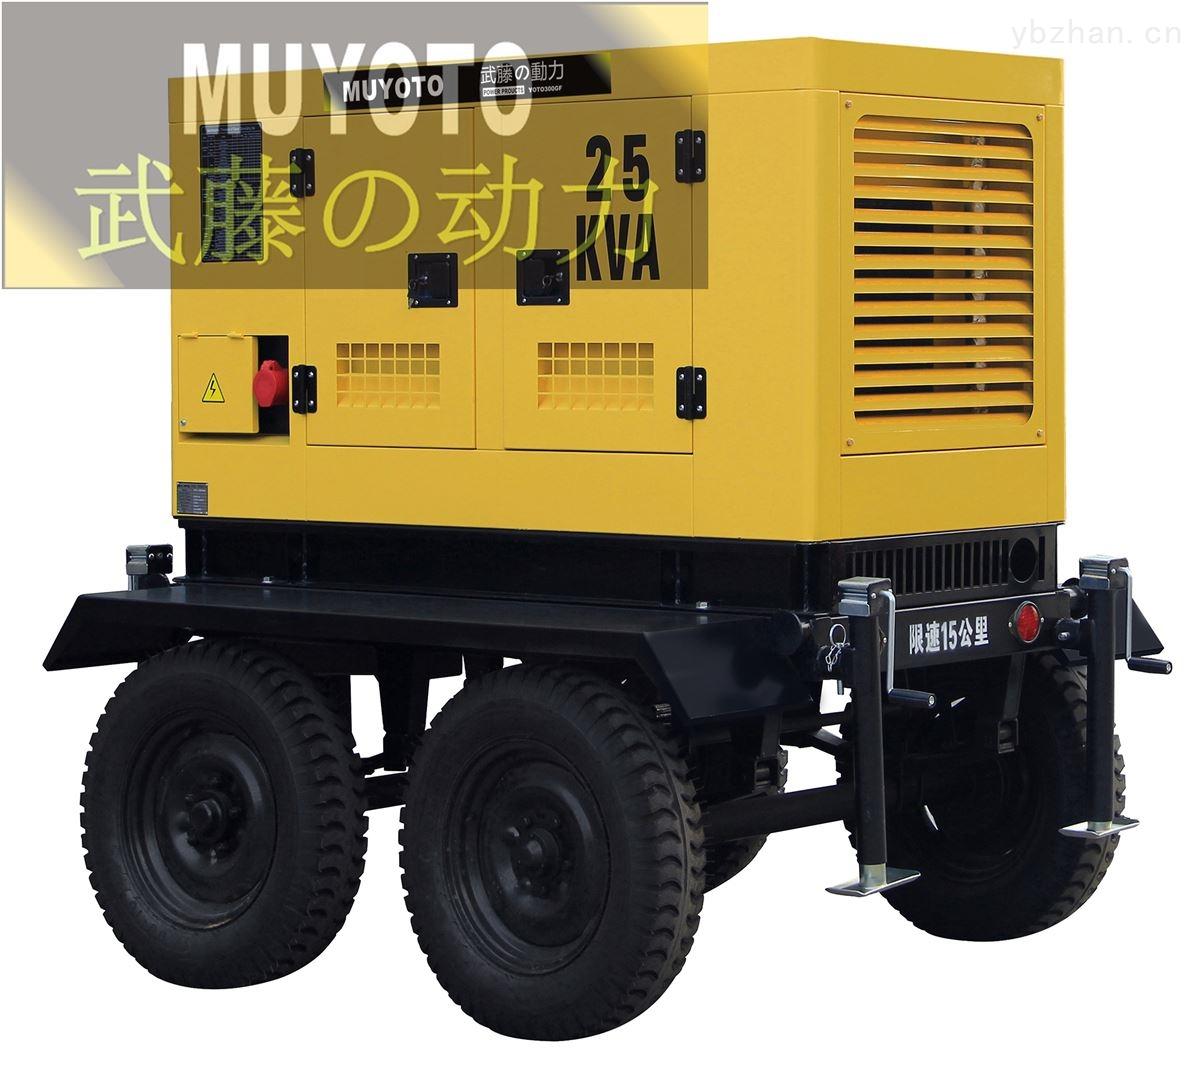 35KW三相柴油发电机组-全自动发电机